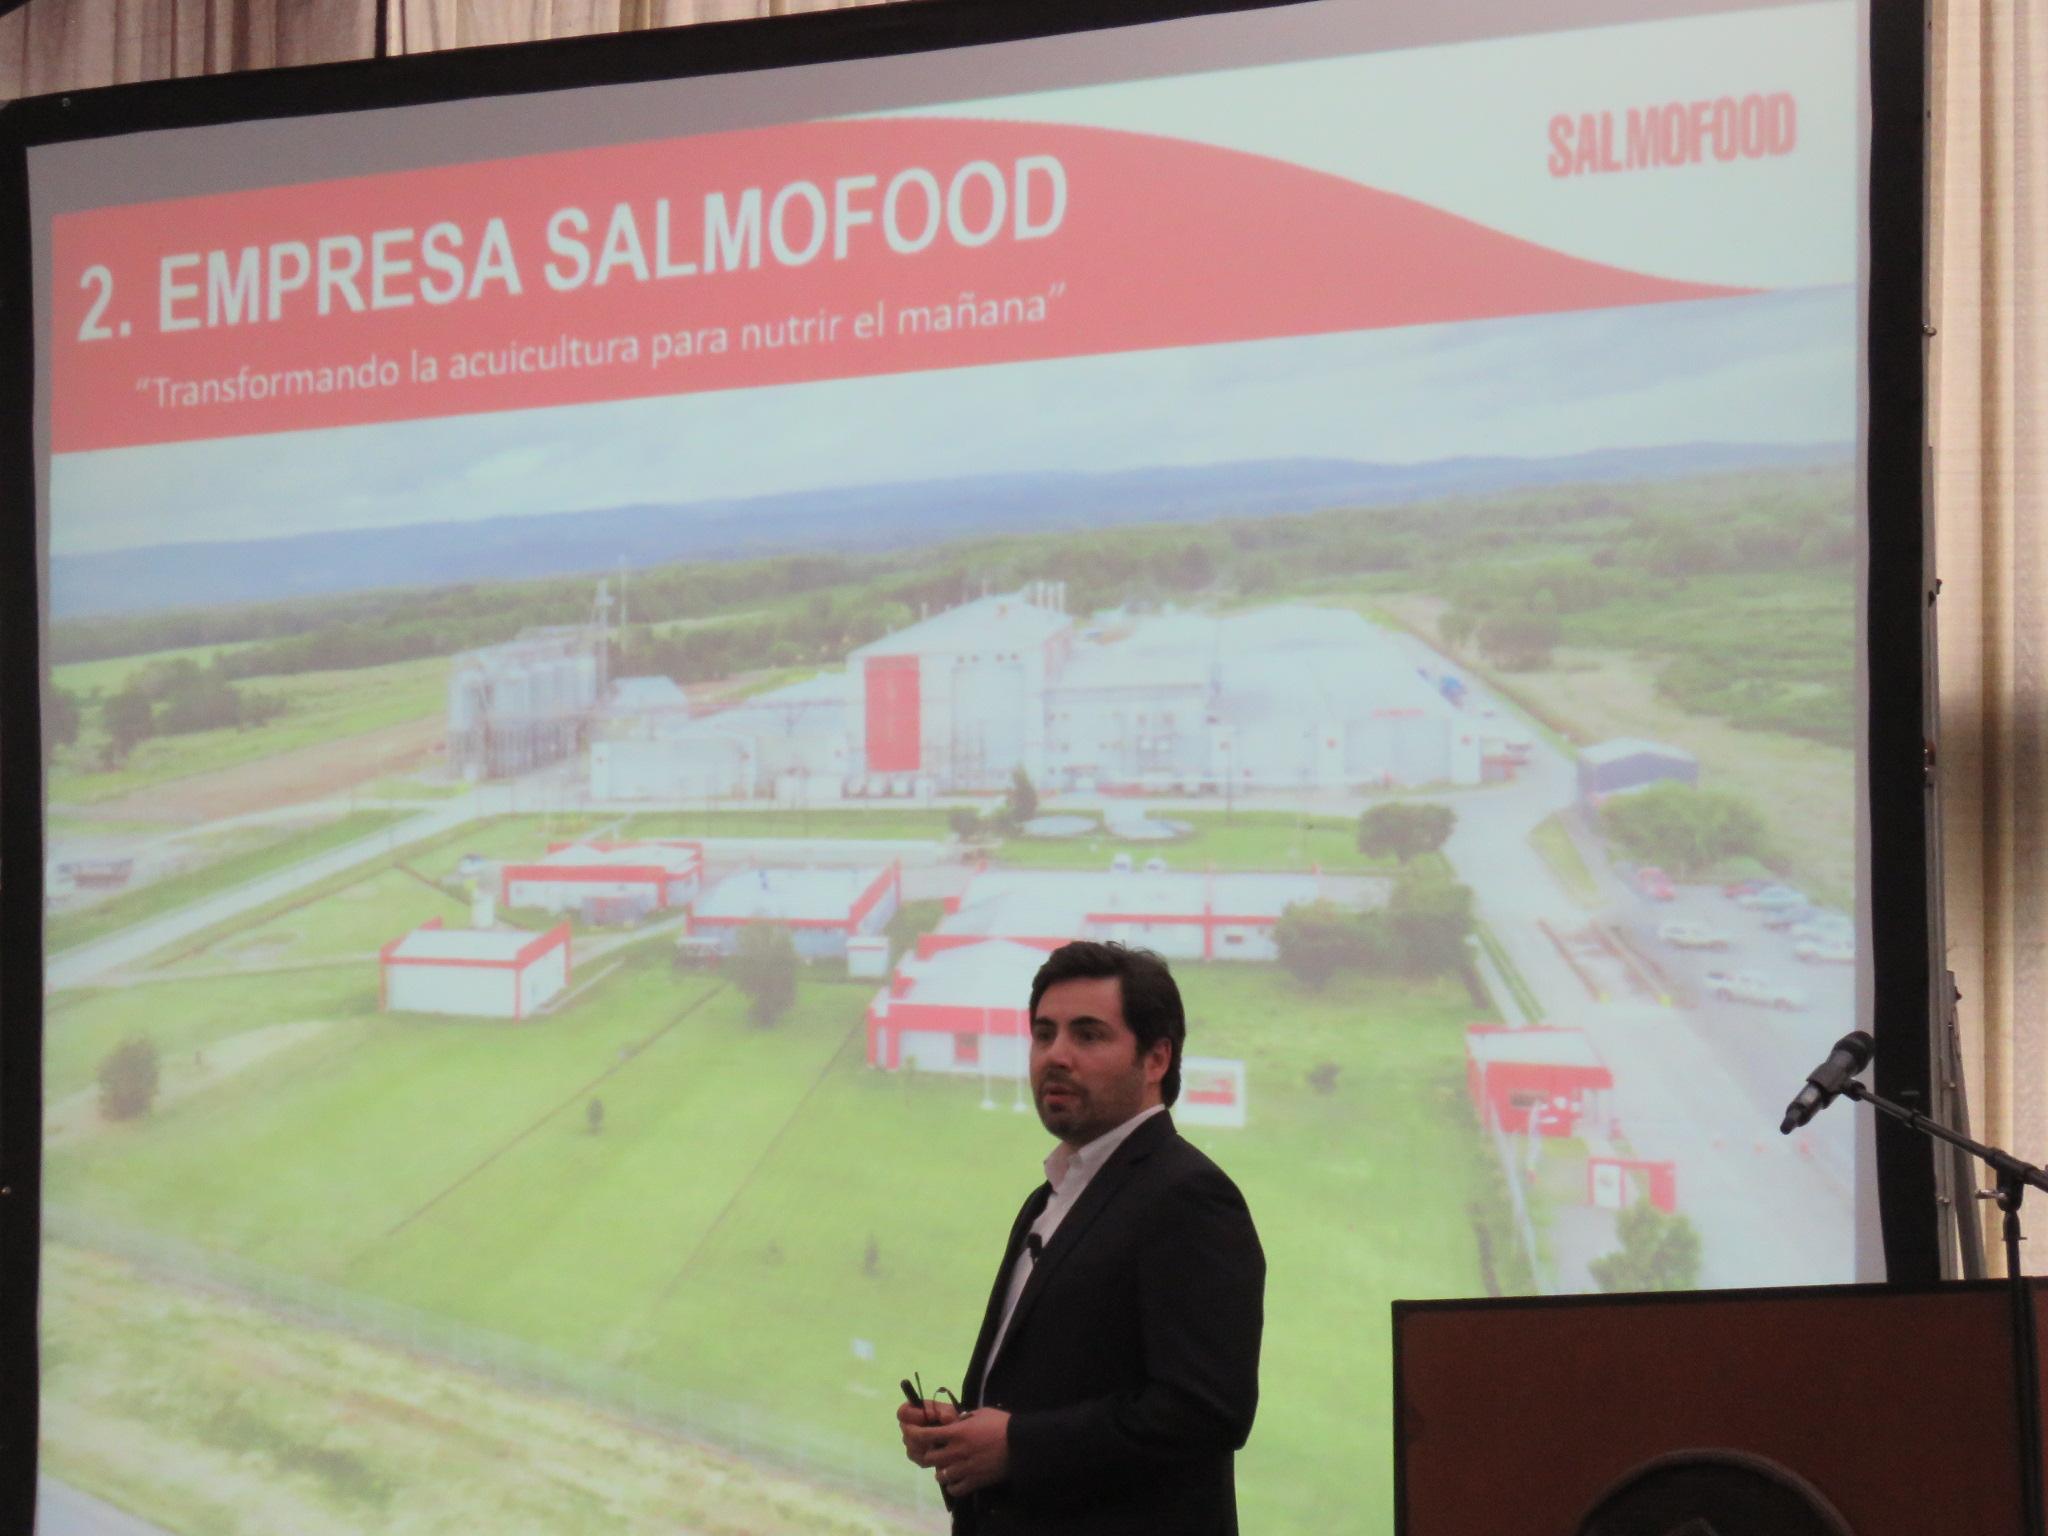 Productoras de alimento para peces expusieron oportunidades para el agro en la salmonicultura